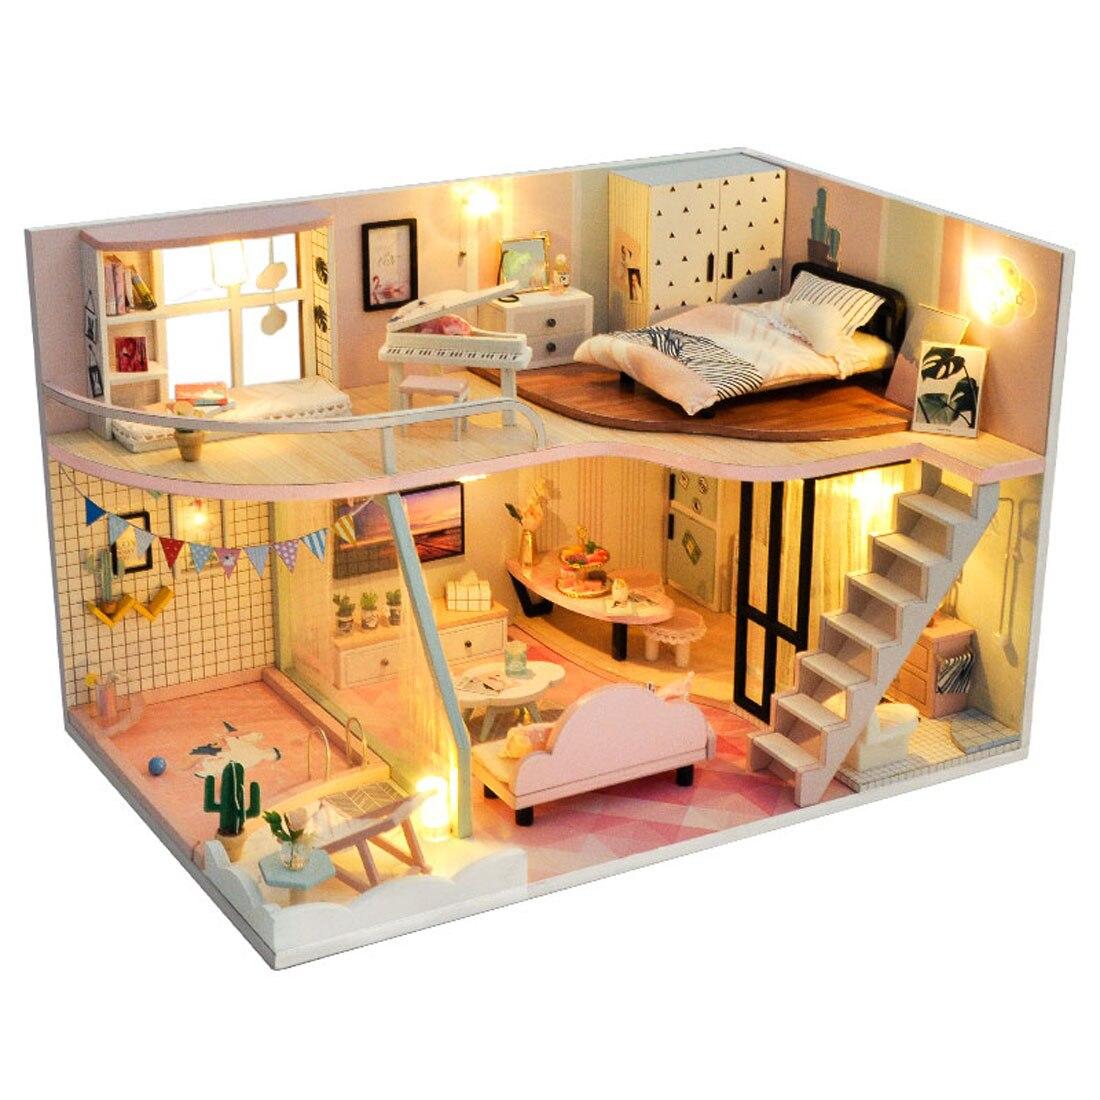 Bricolage créatif à la main thème en bois cabine assemblage bâtiment modèle jouet ensemble avec musique lumière et couverture de poussière-temps rose clair